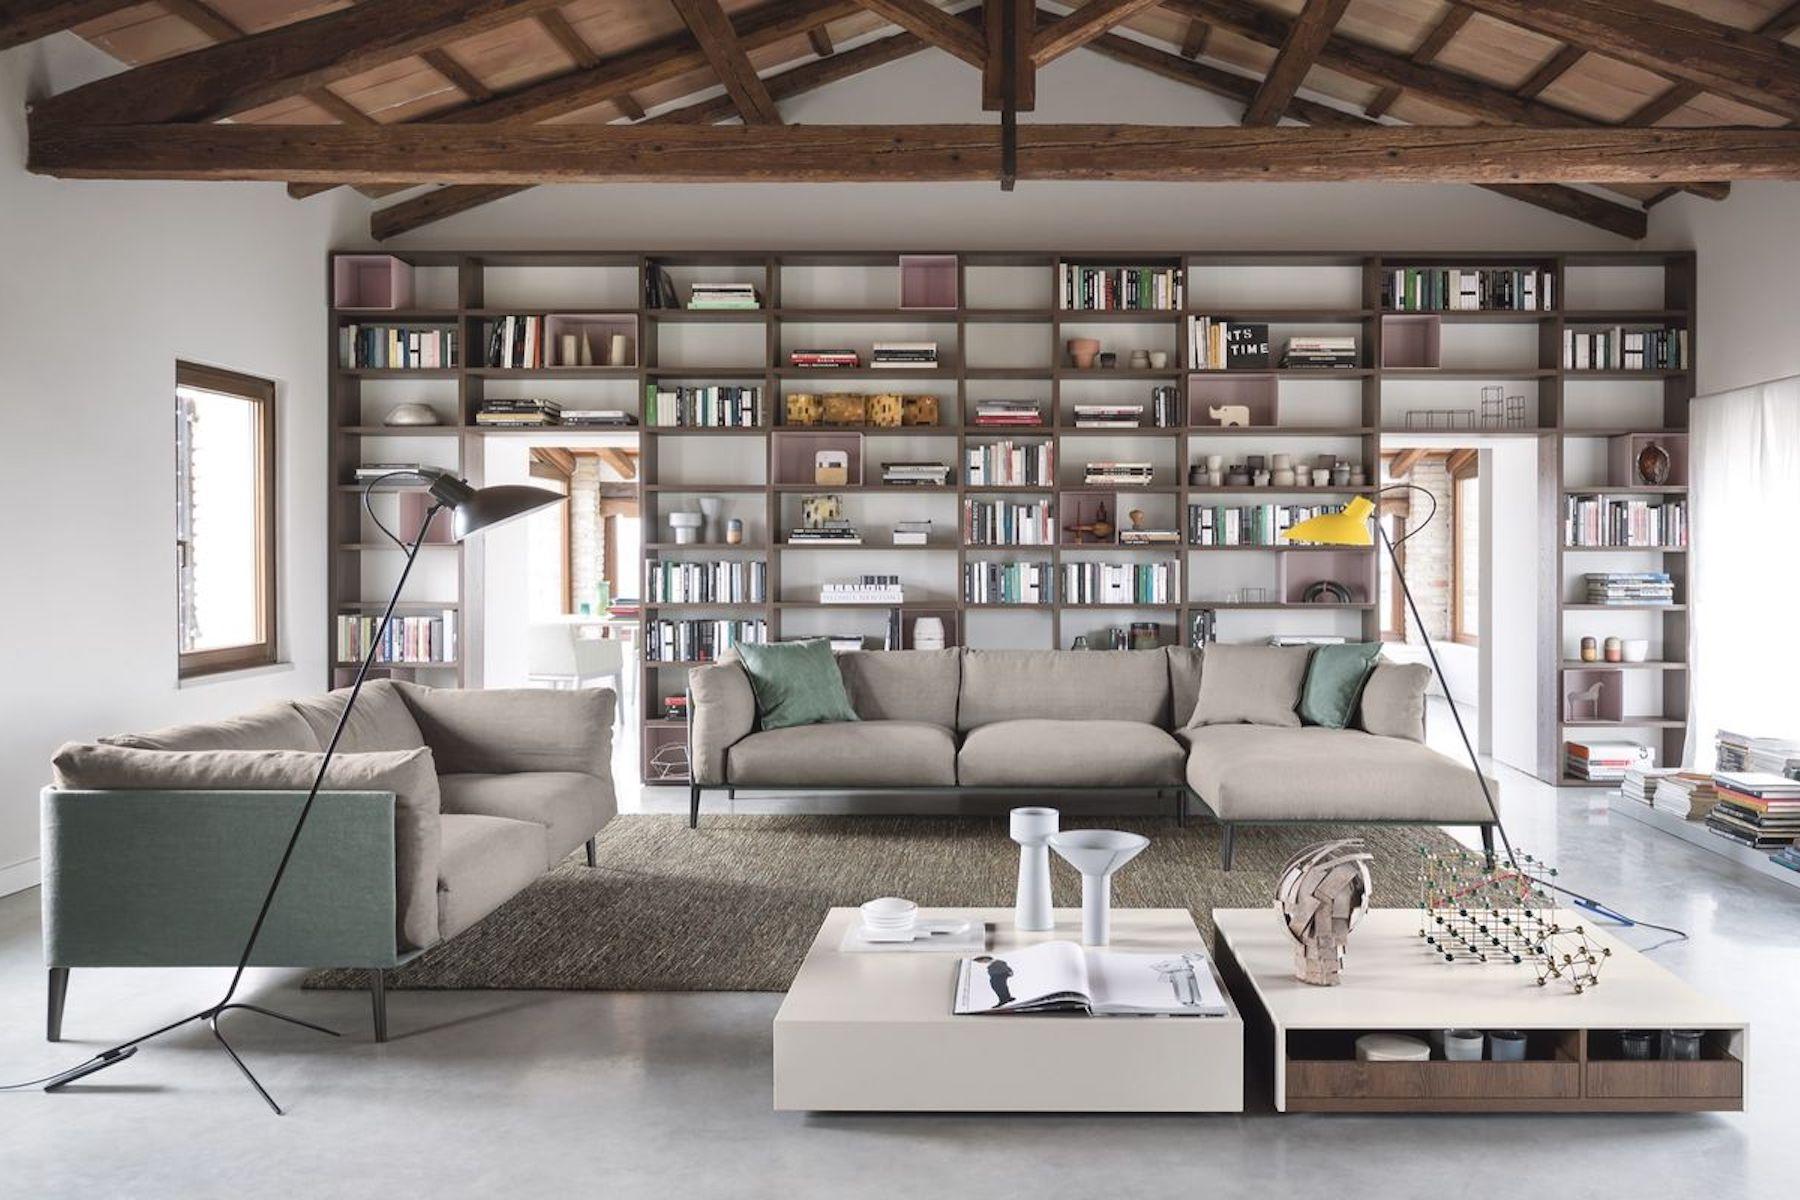 Arredamento Di Design librerie di design, come impreziosire il proprio arredo